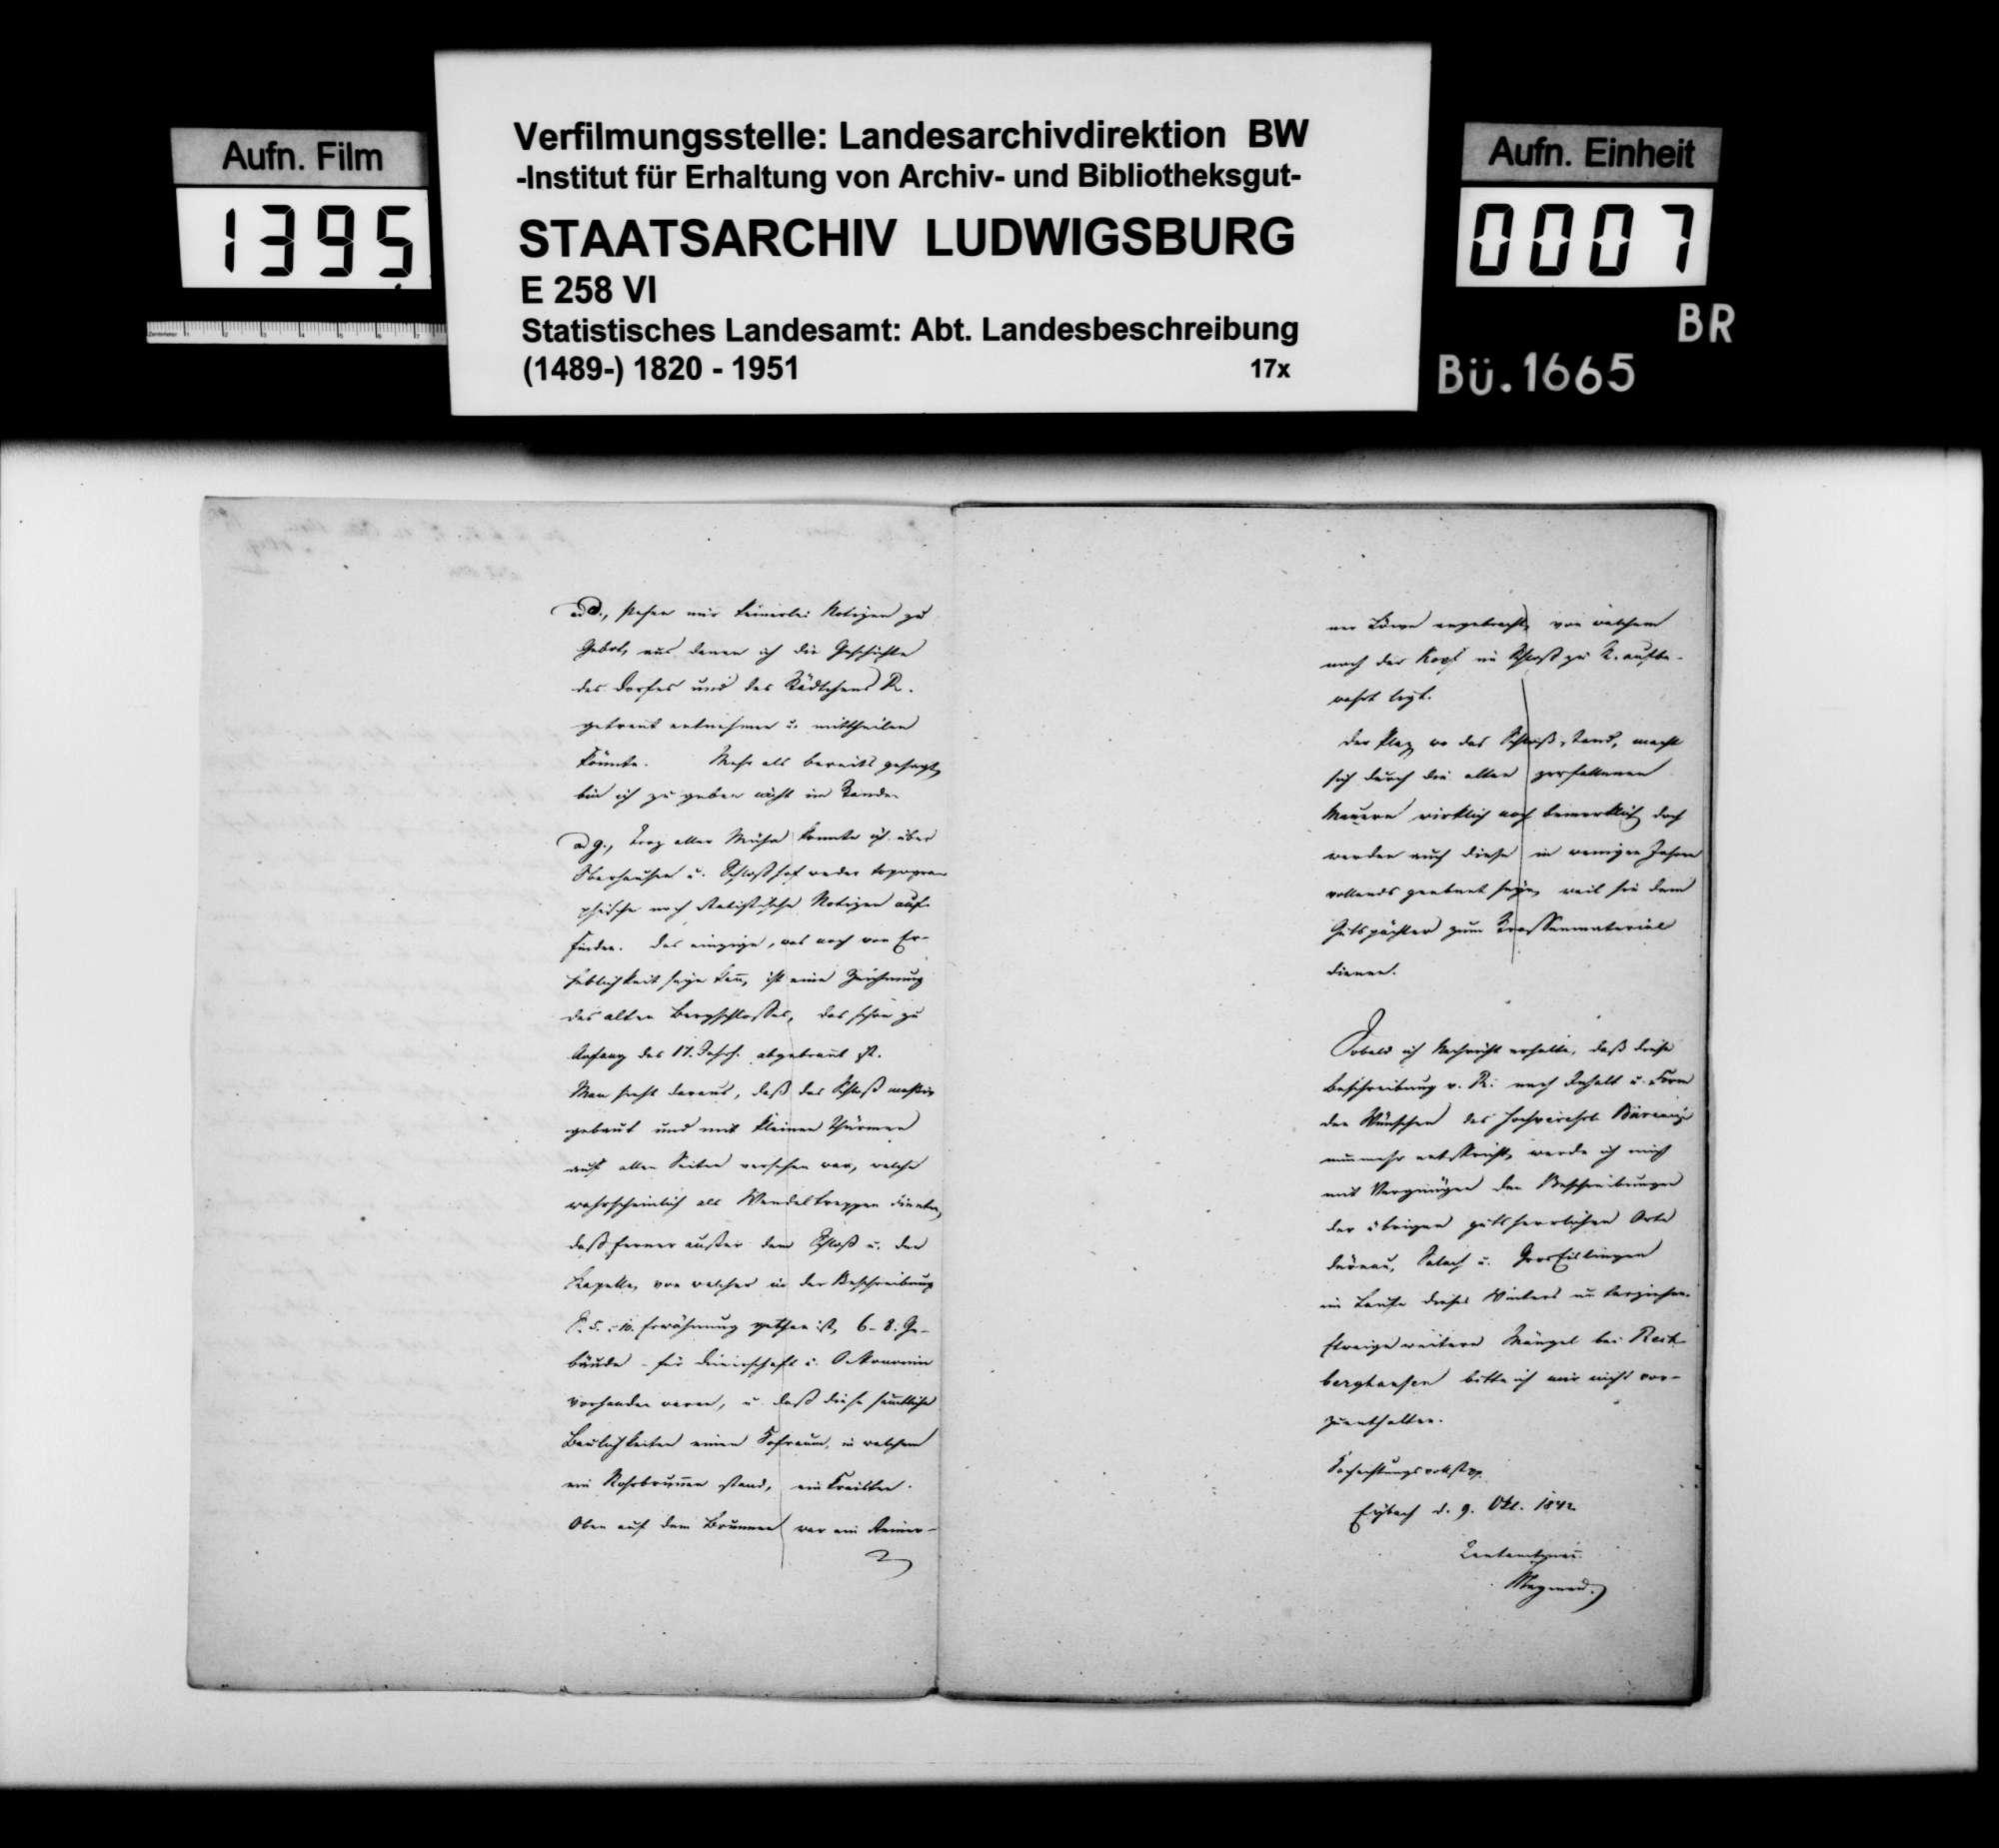 Beschreibung von Rechberghausen durch Rentamtmann Magenau aus Eybach, Bild 2